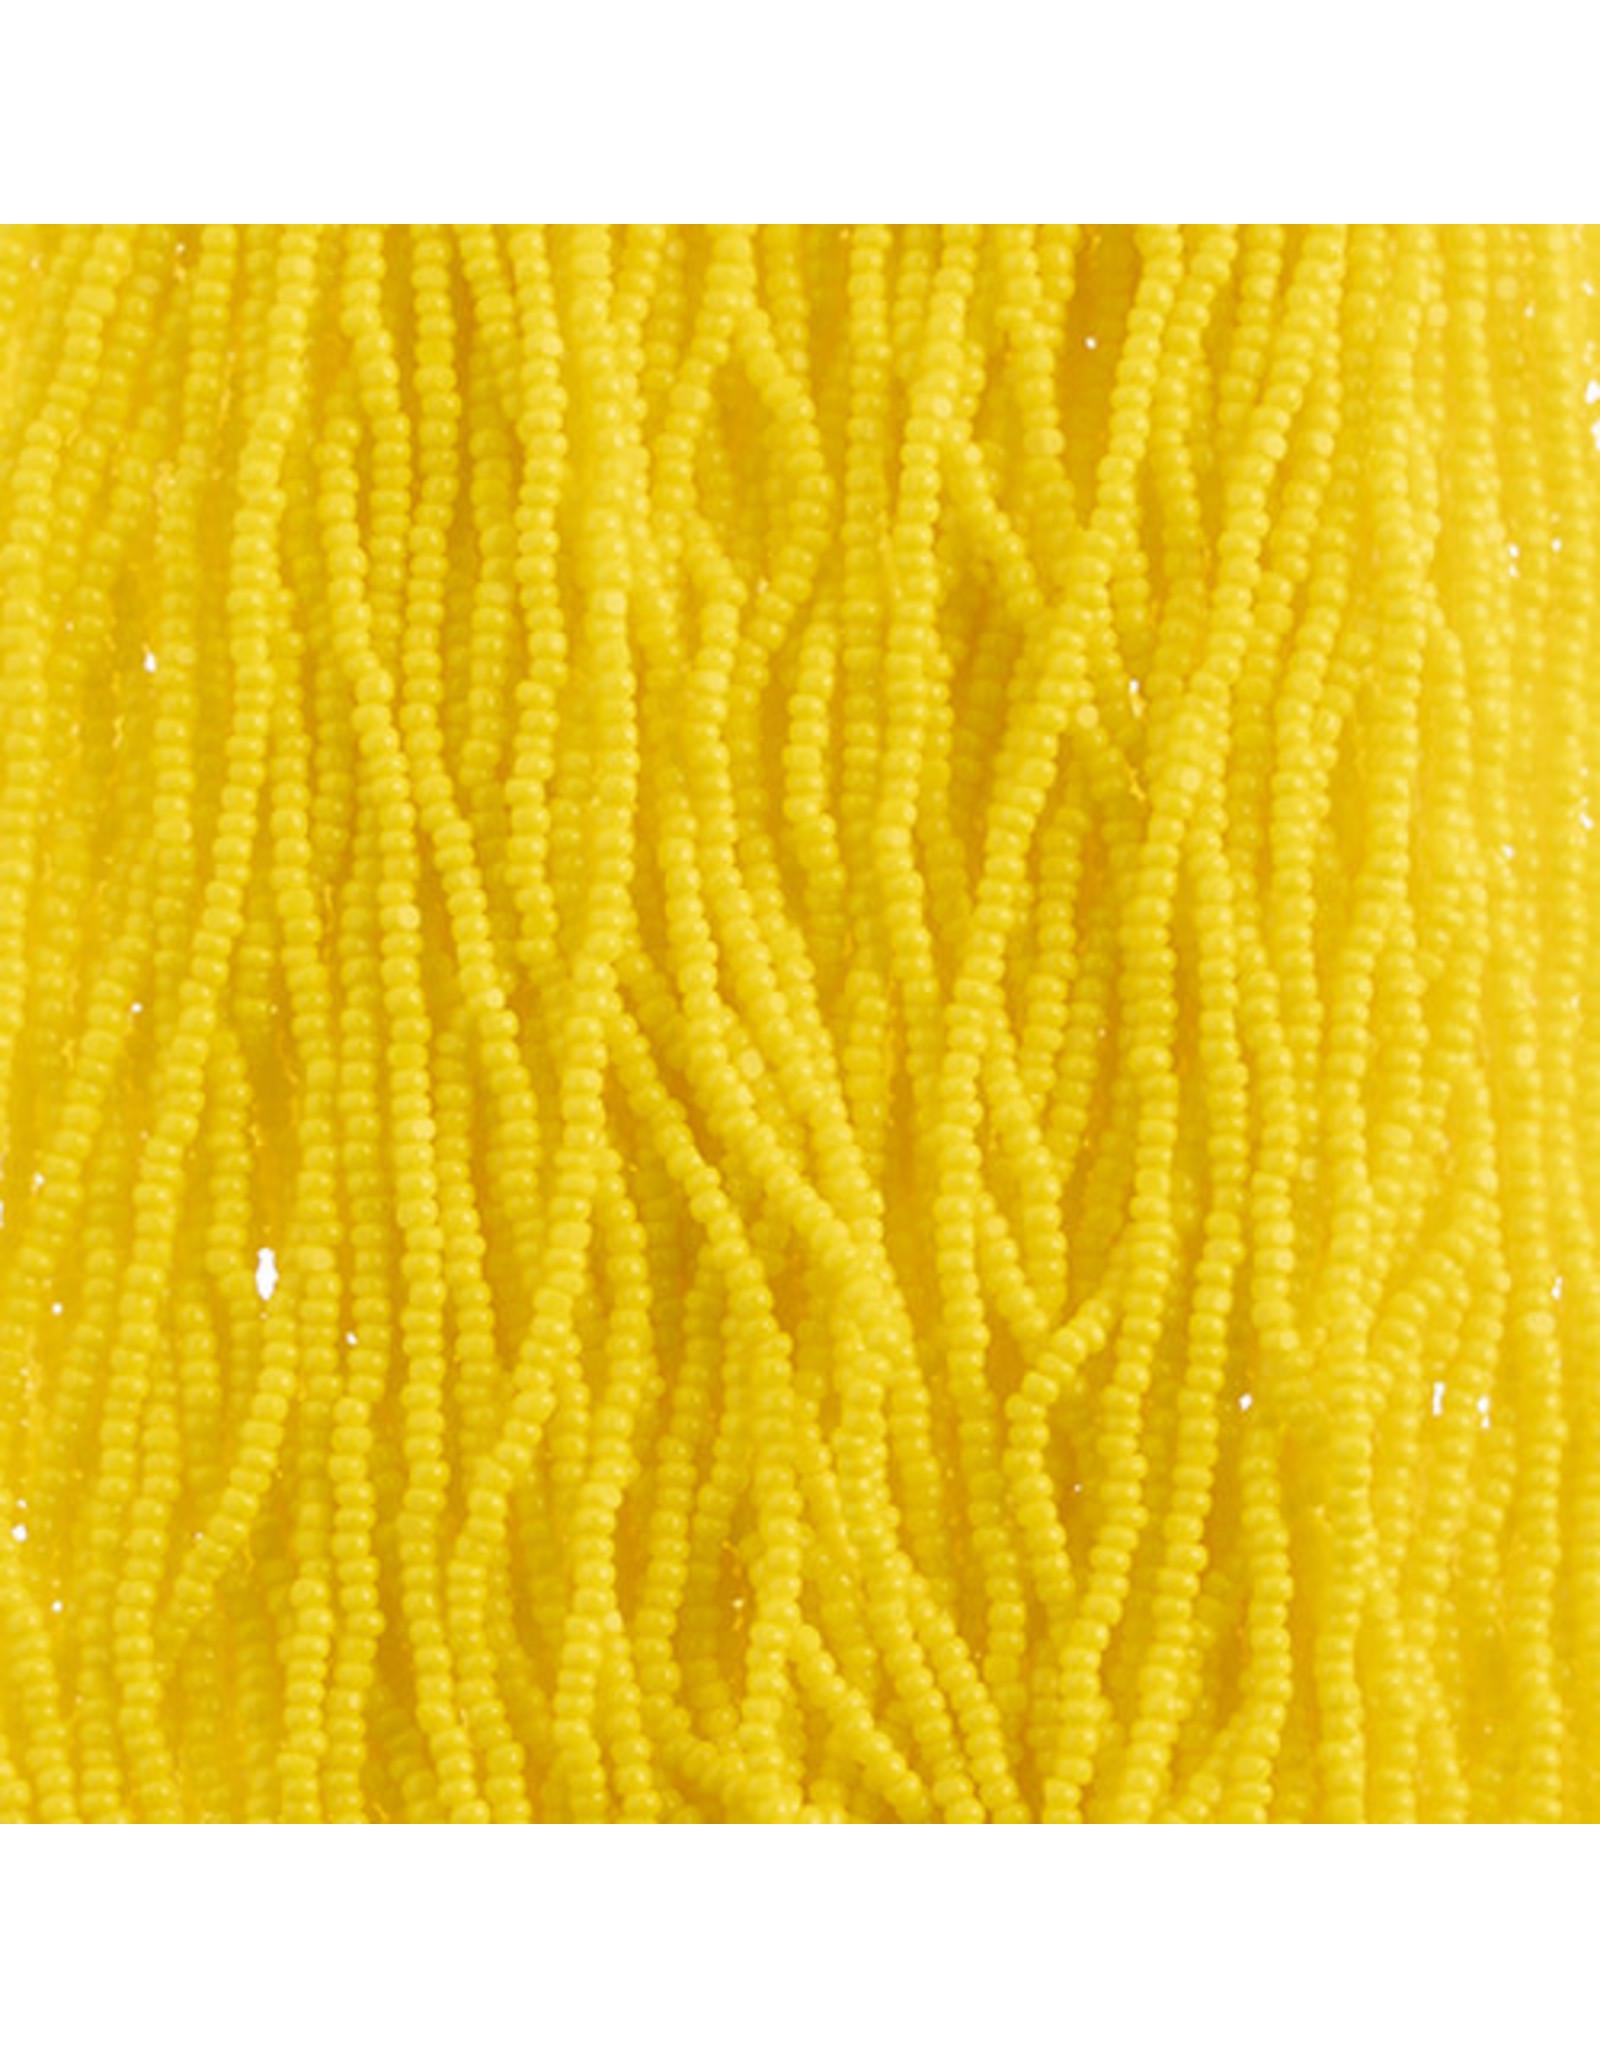 Czech 29309 13/0 Charlotte Cut   Seed Hank 12g Opaque Golden Yellow